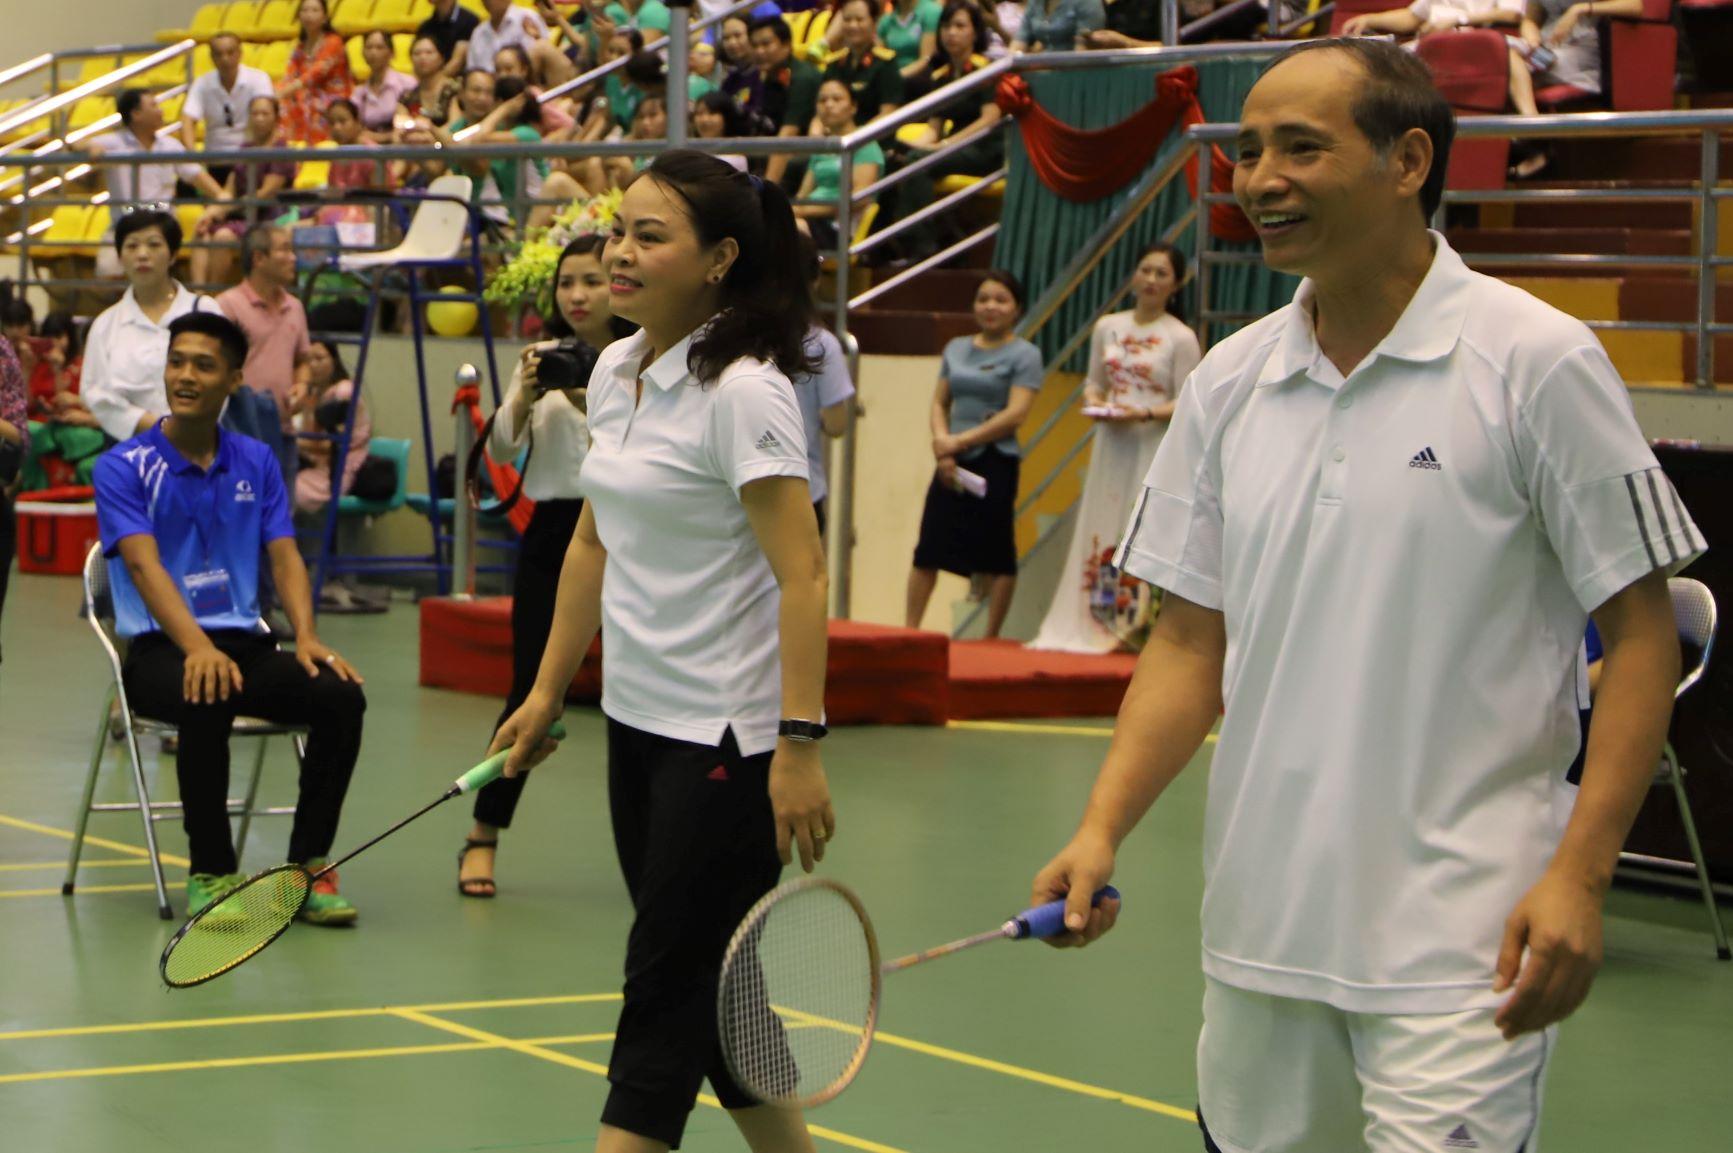 ... thi đấu cùng cặp đôi vận động viên Nguyễn Thị Thu Hà - Chủ tịch Hội LHPNVN - và vận động viên Nguyễn Hữu Thành - Phó Chủ tịch UBND tỉnh Bắc Ninh.